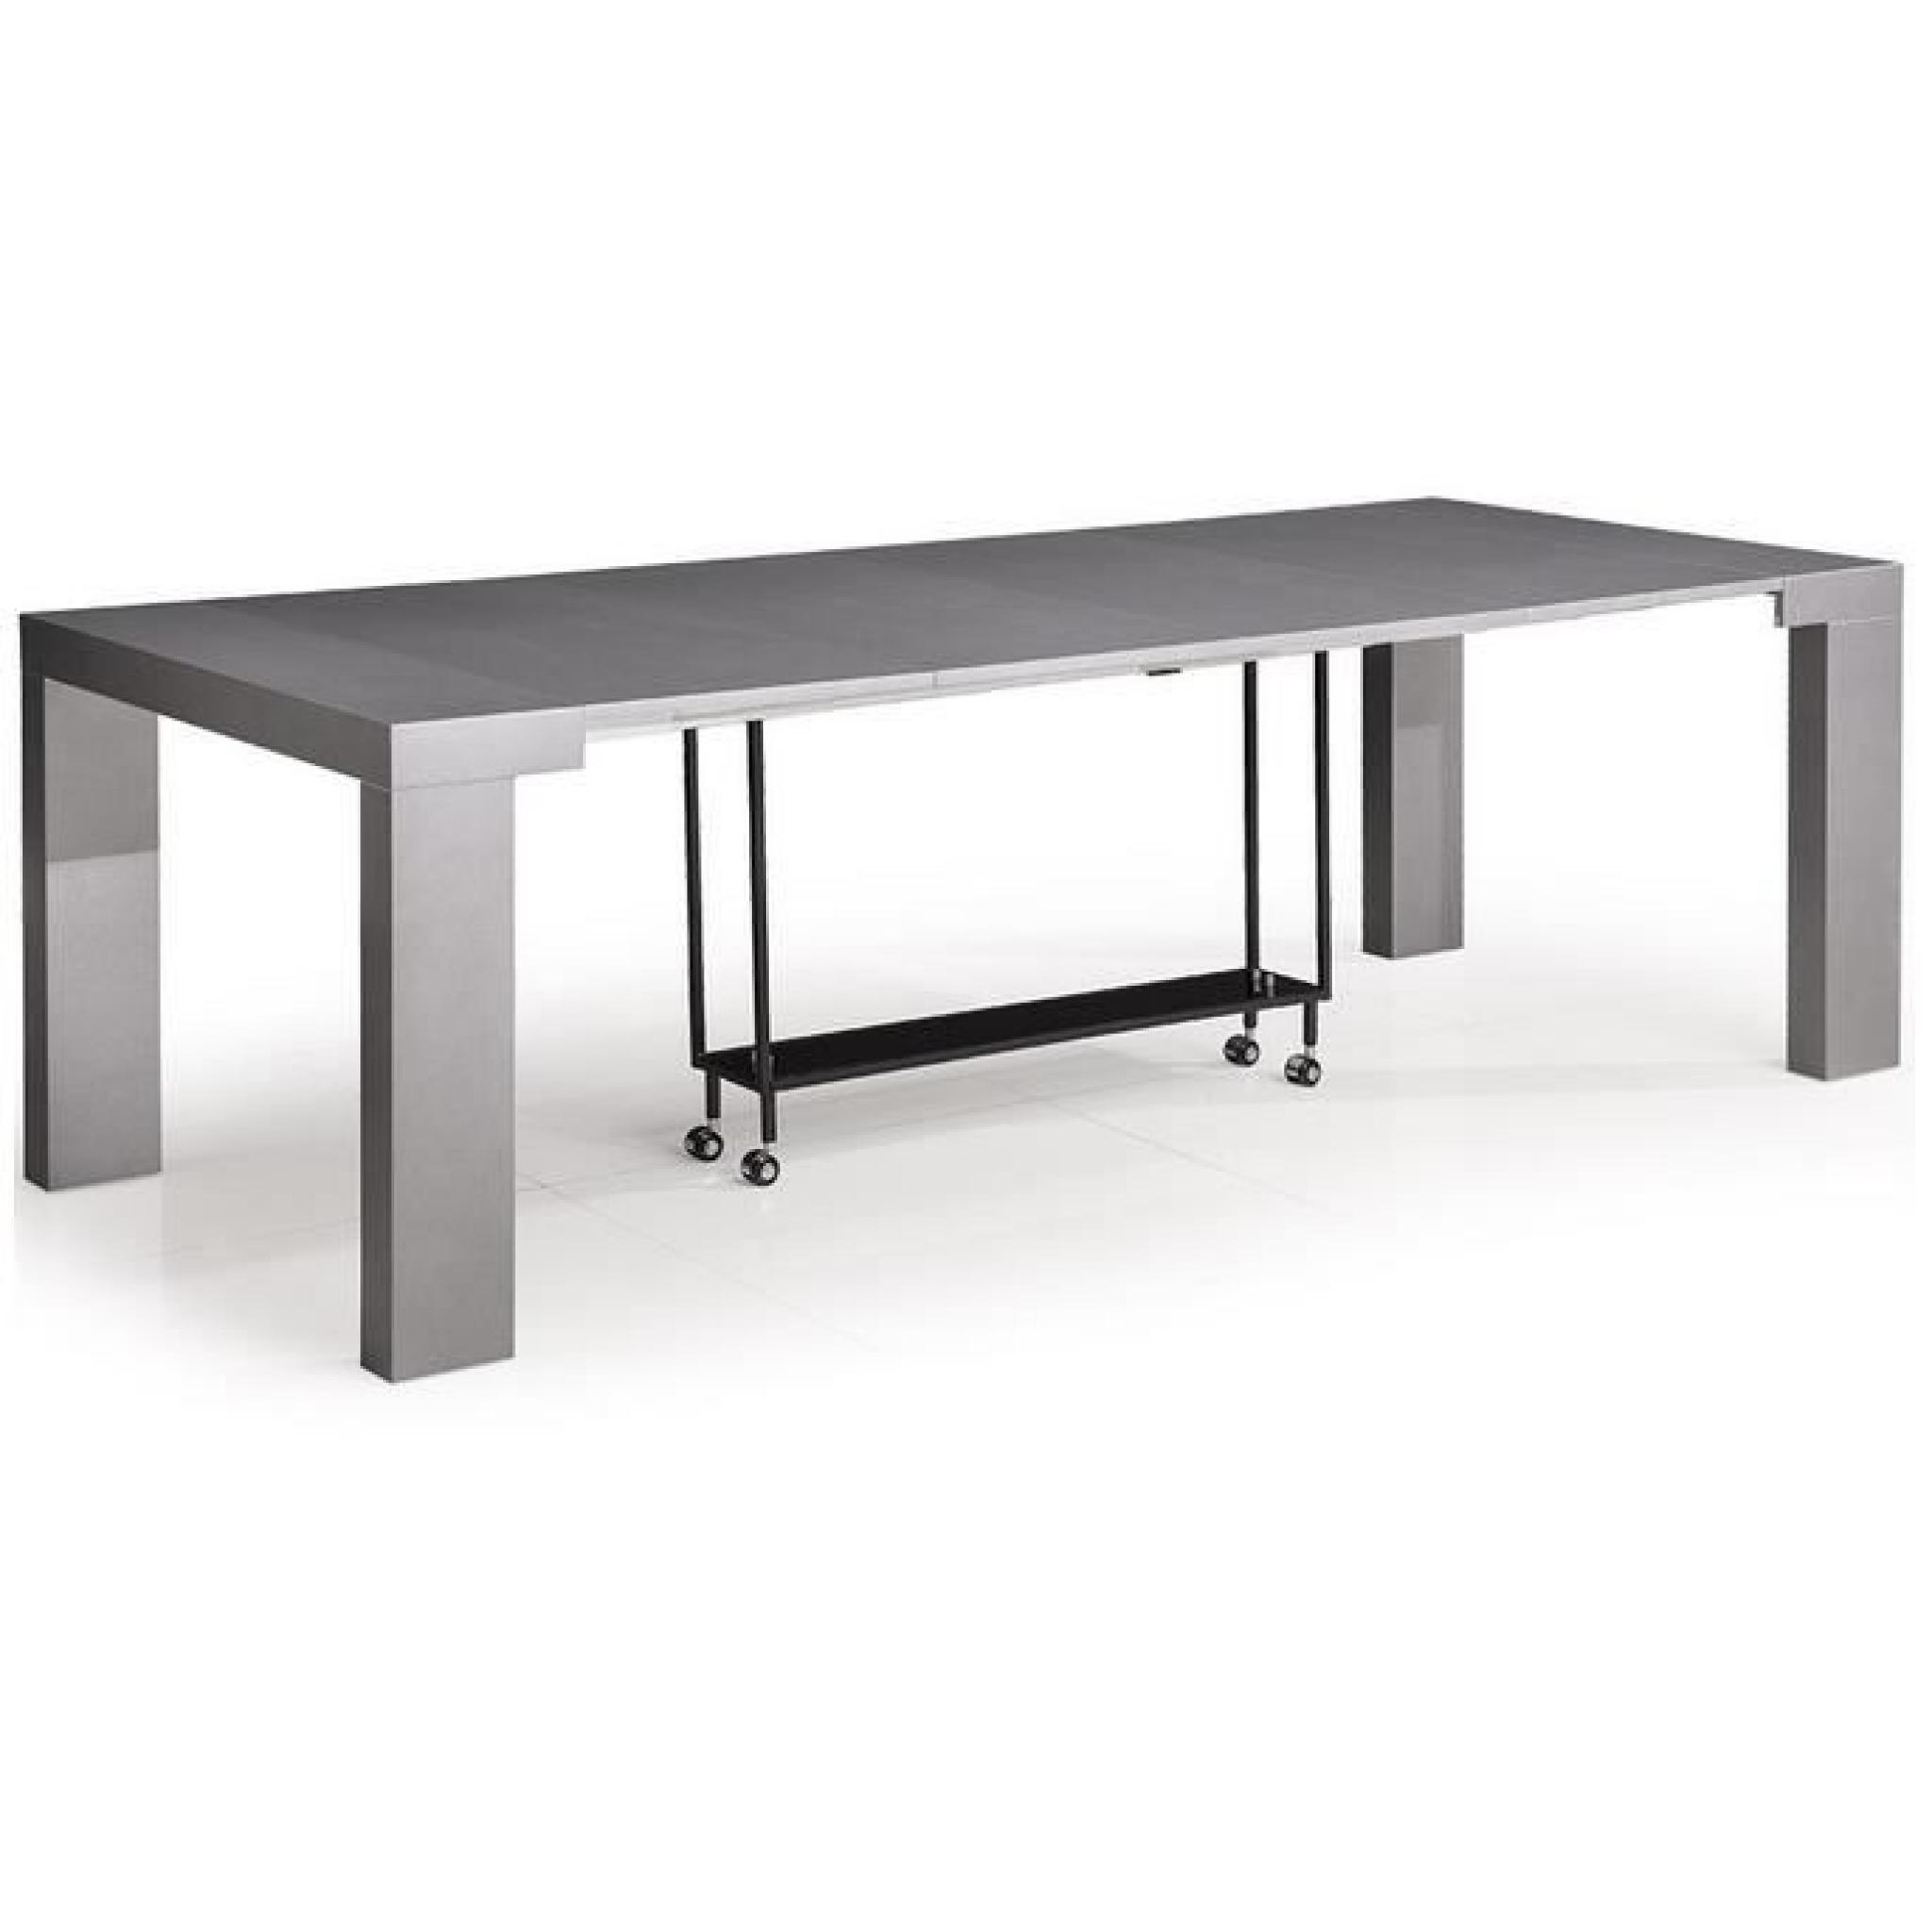 table console extensible olia gris satine l100 x p50 100 150 200 250 x h76 cm achat vente ensemble salle a manger pas cher couleur et design fr